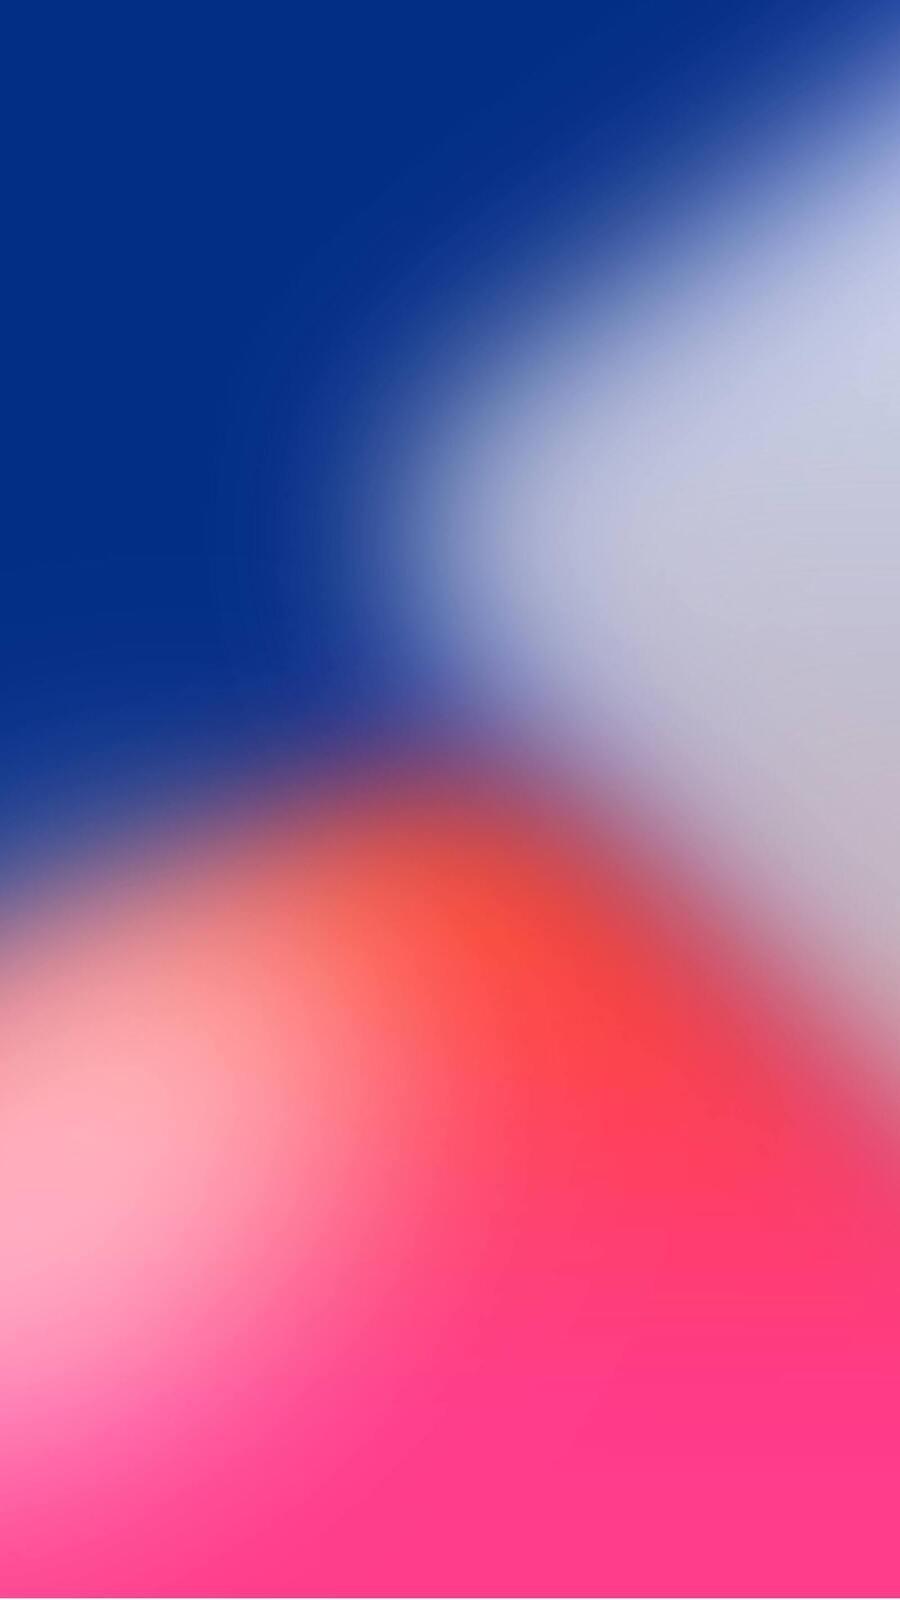 12574.jpg